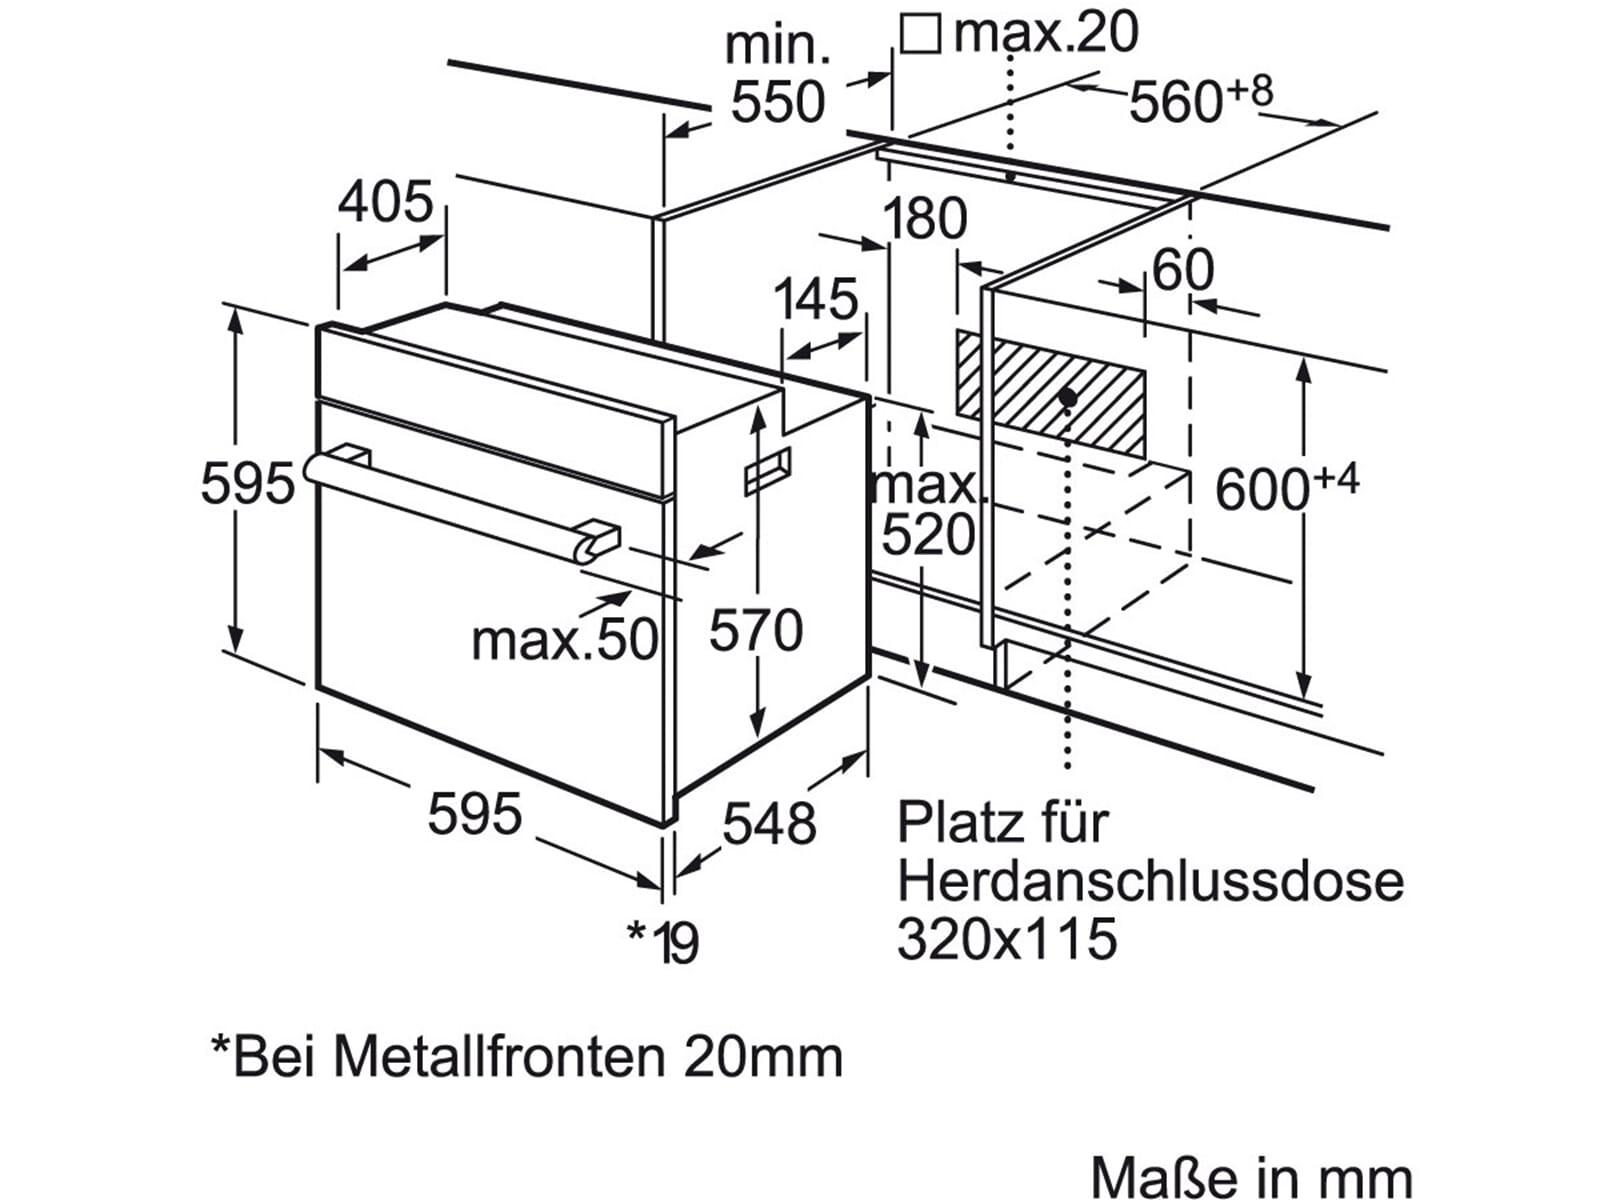 siemens hb23ab520 einbau backofen edelstahl 60cm elektro einbaubackofen herd ebay. Black Bedroom Furniture Sets. Home Design Ideas